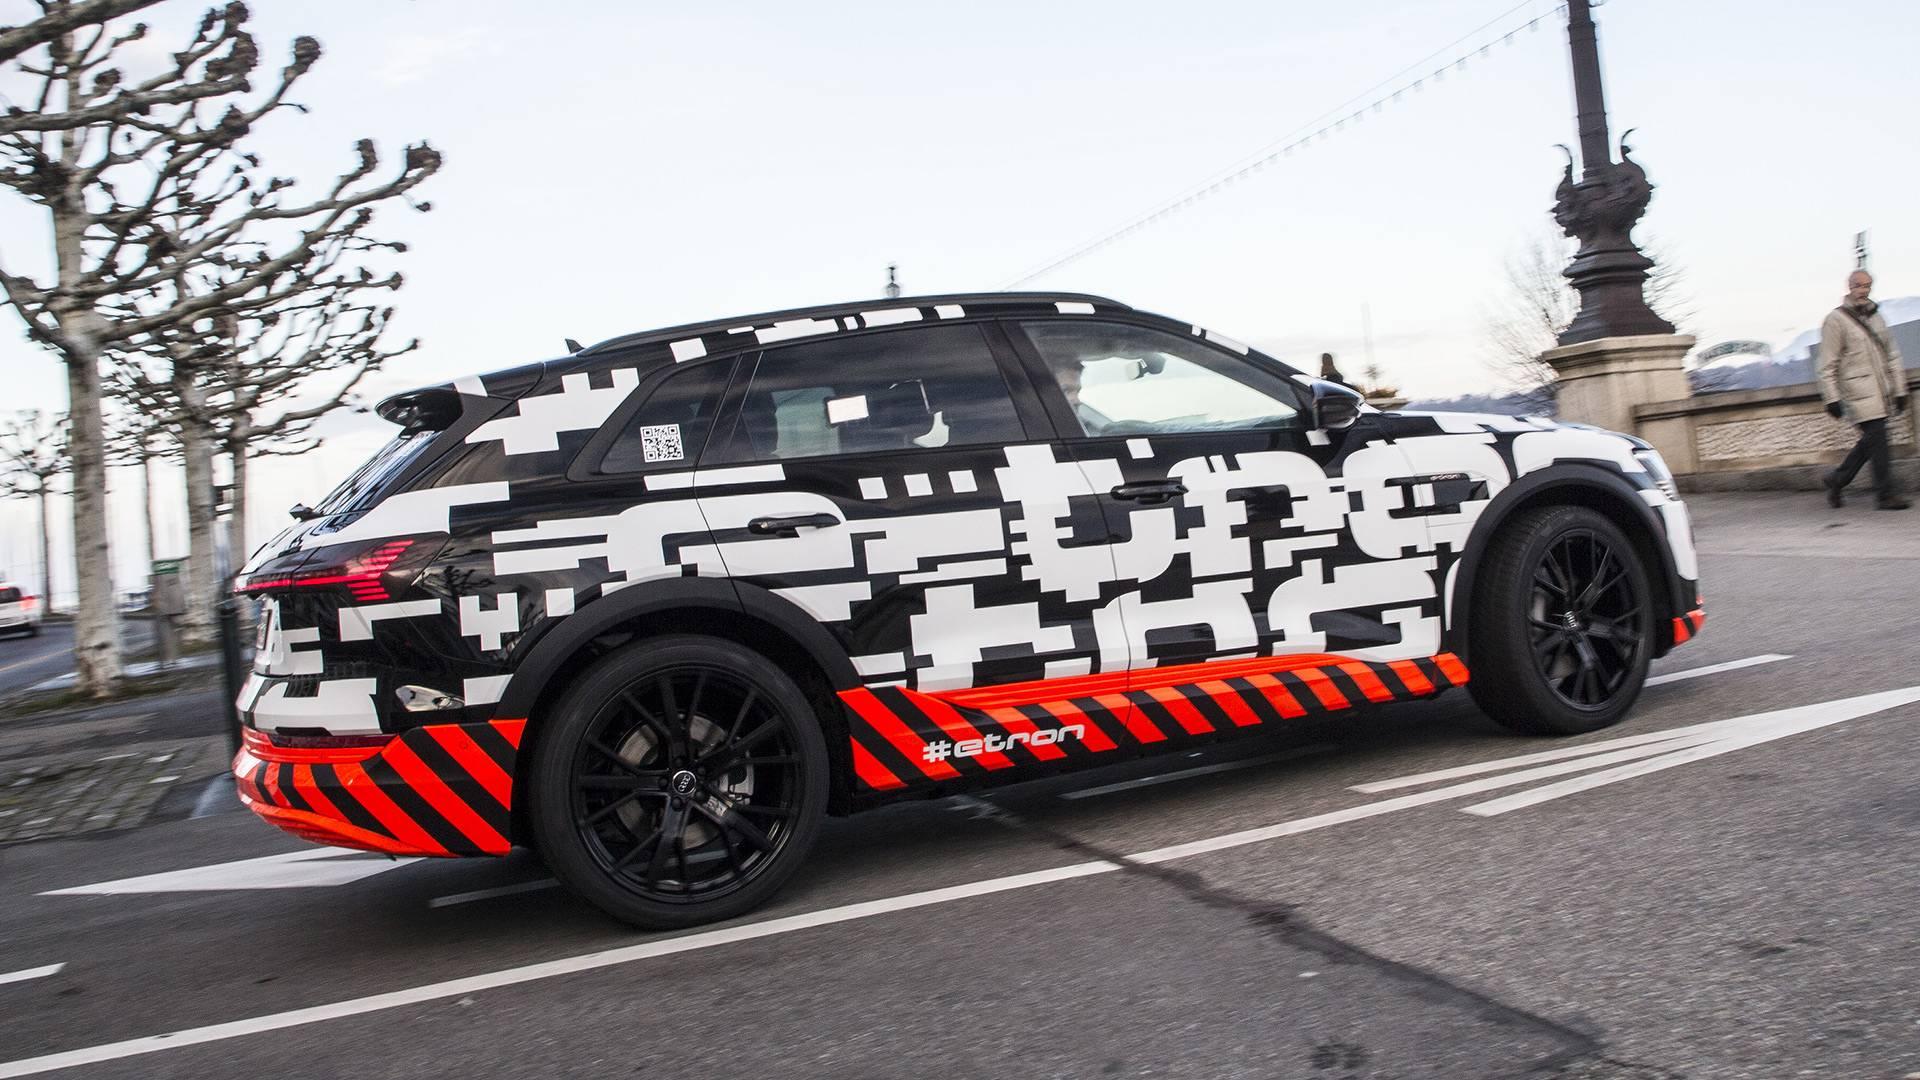 El Audi E-Tron definitivo llegará este verano, ¡no te lo pierdas!